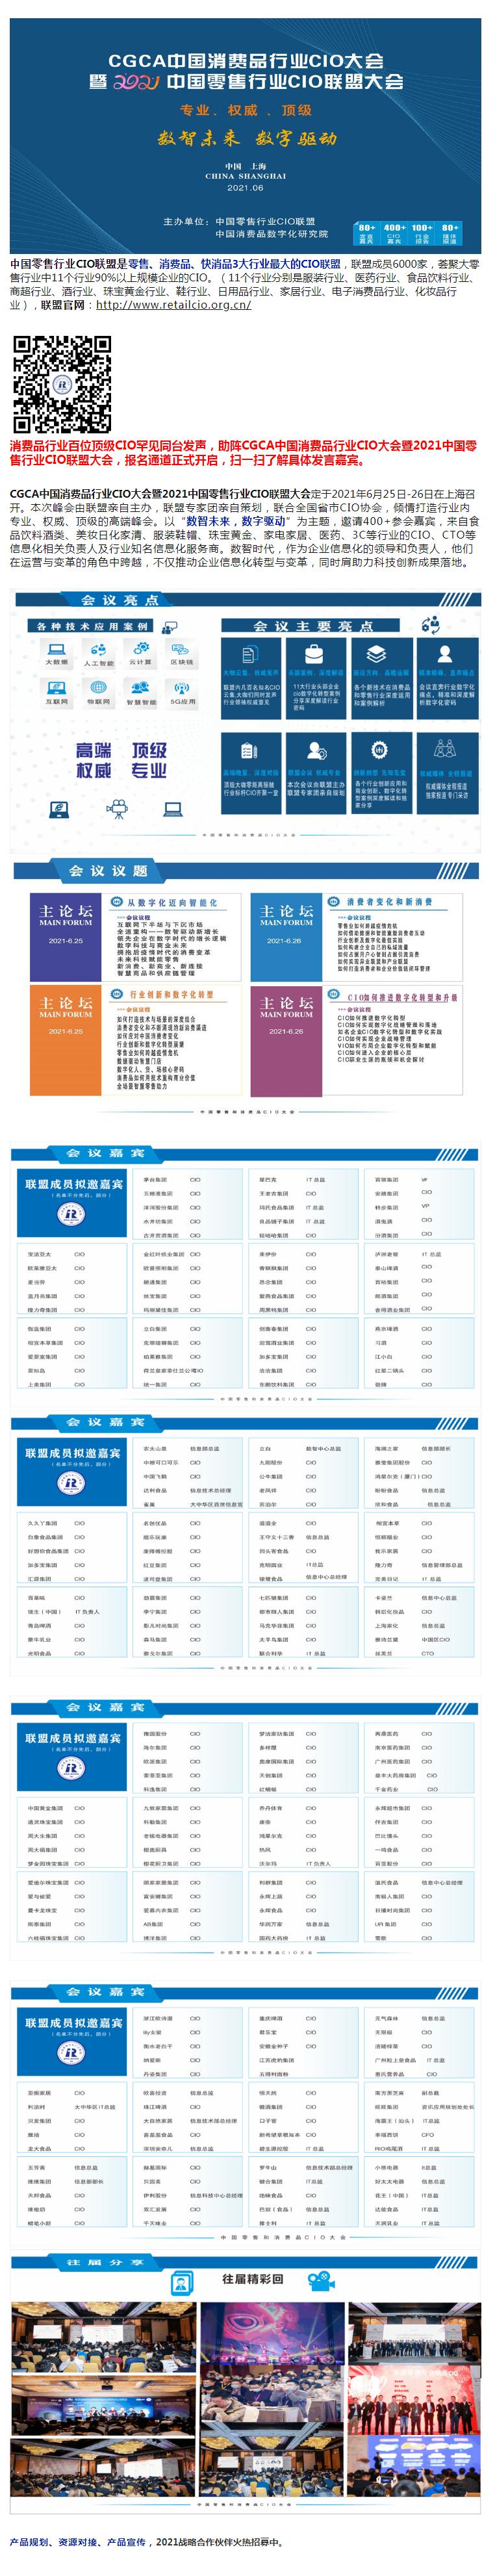 CGCA中国消费品行业CIO大会暨2021中国零售行业CIO联盟大会 预约报名-中国零售行业CIO联.png